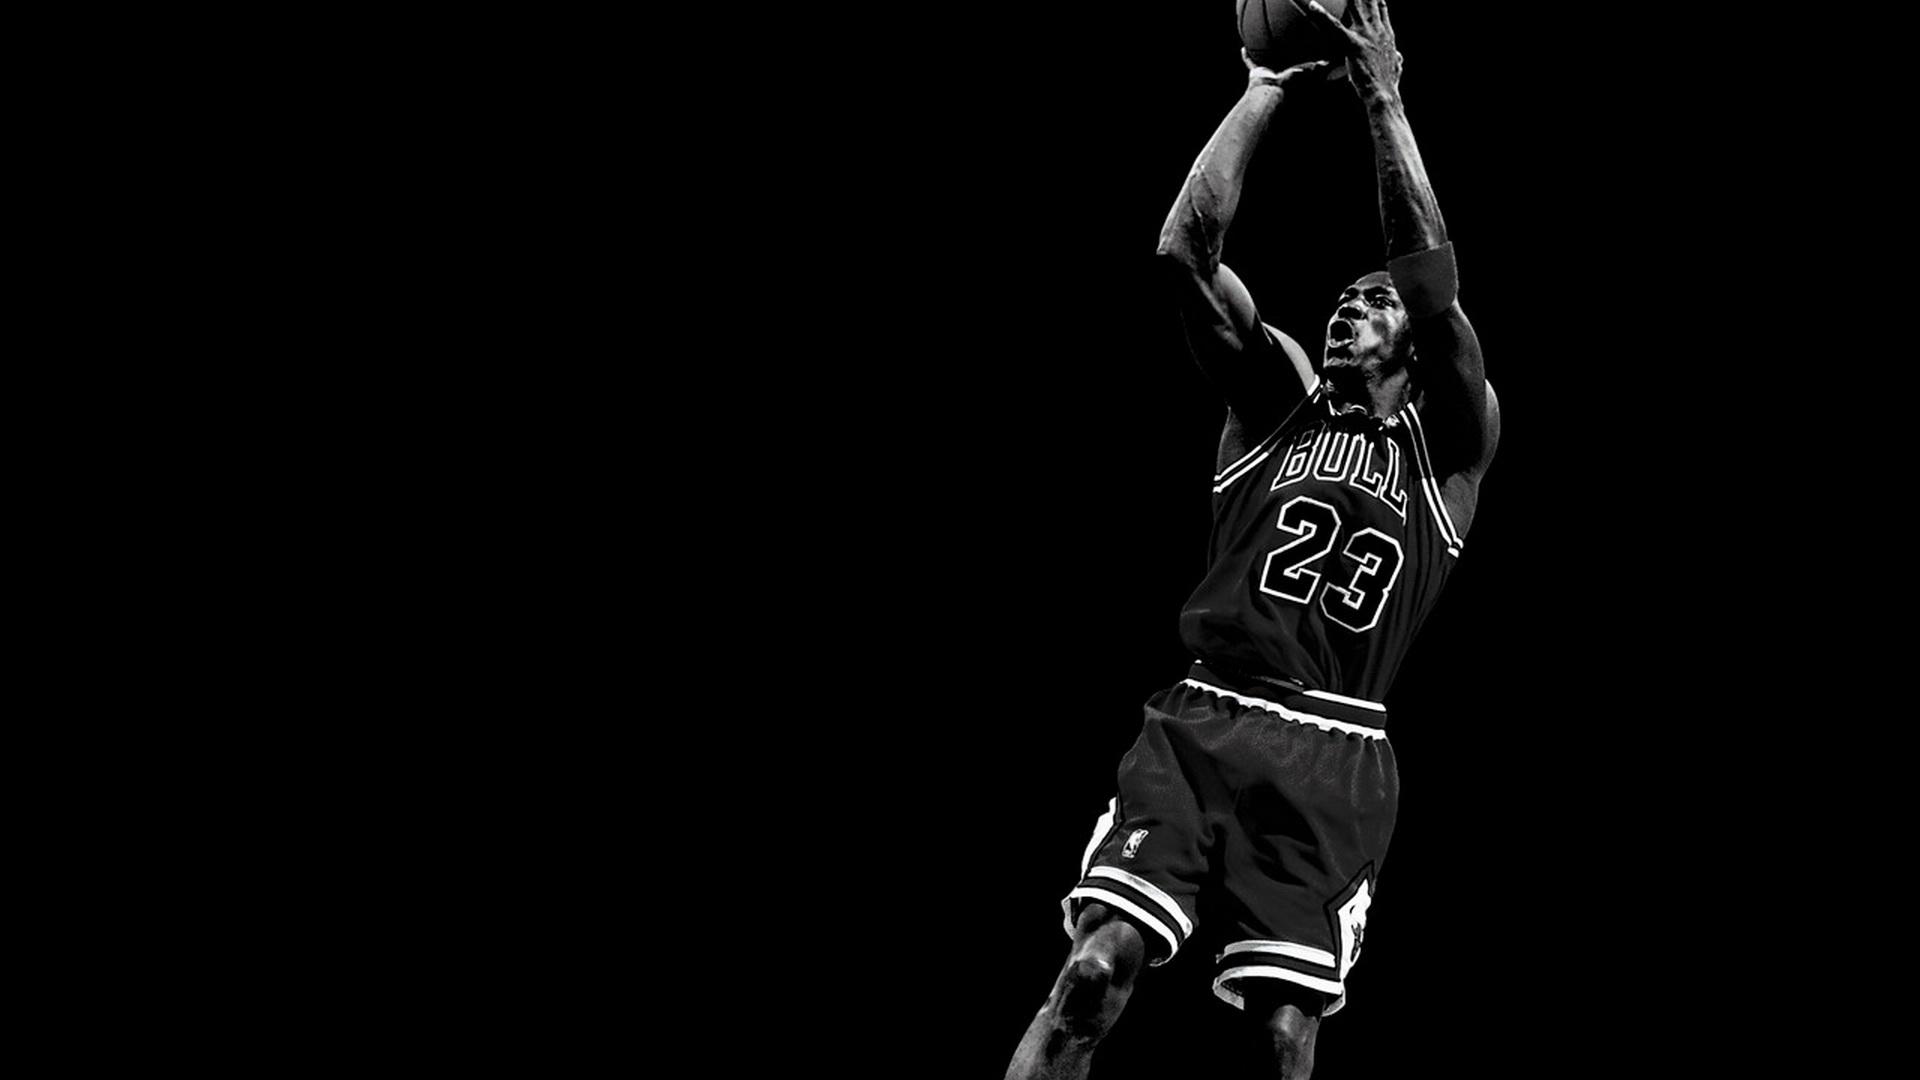 Michael Jordan Hd Wallpapers - WallpaperSafari